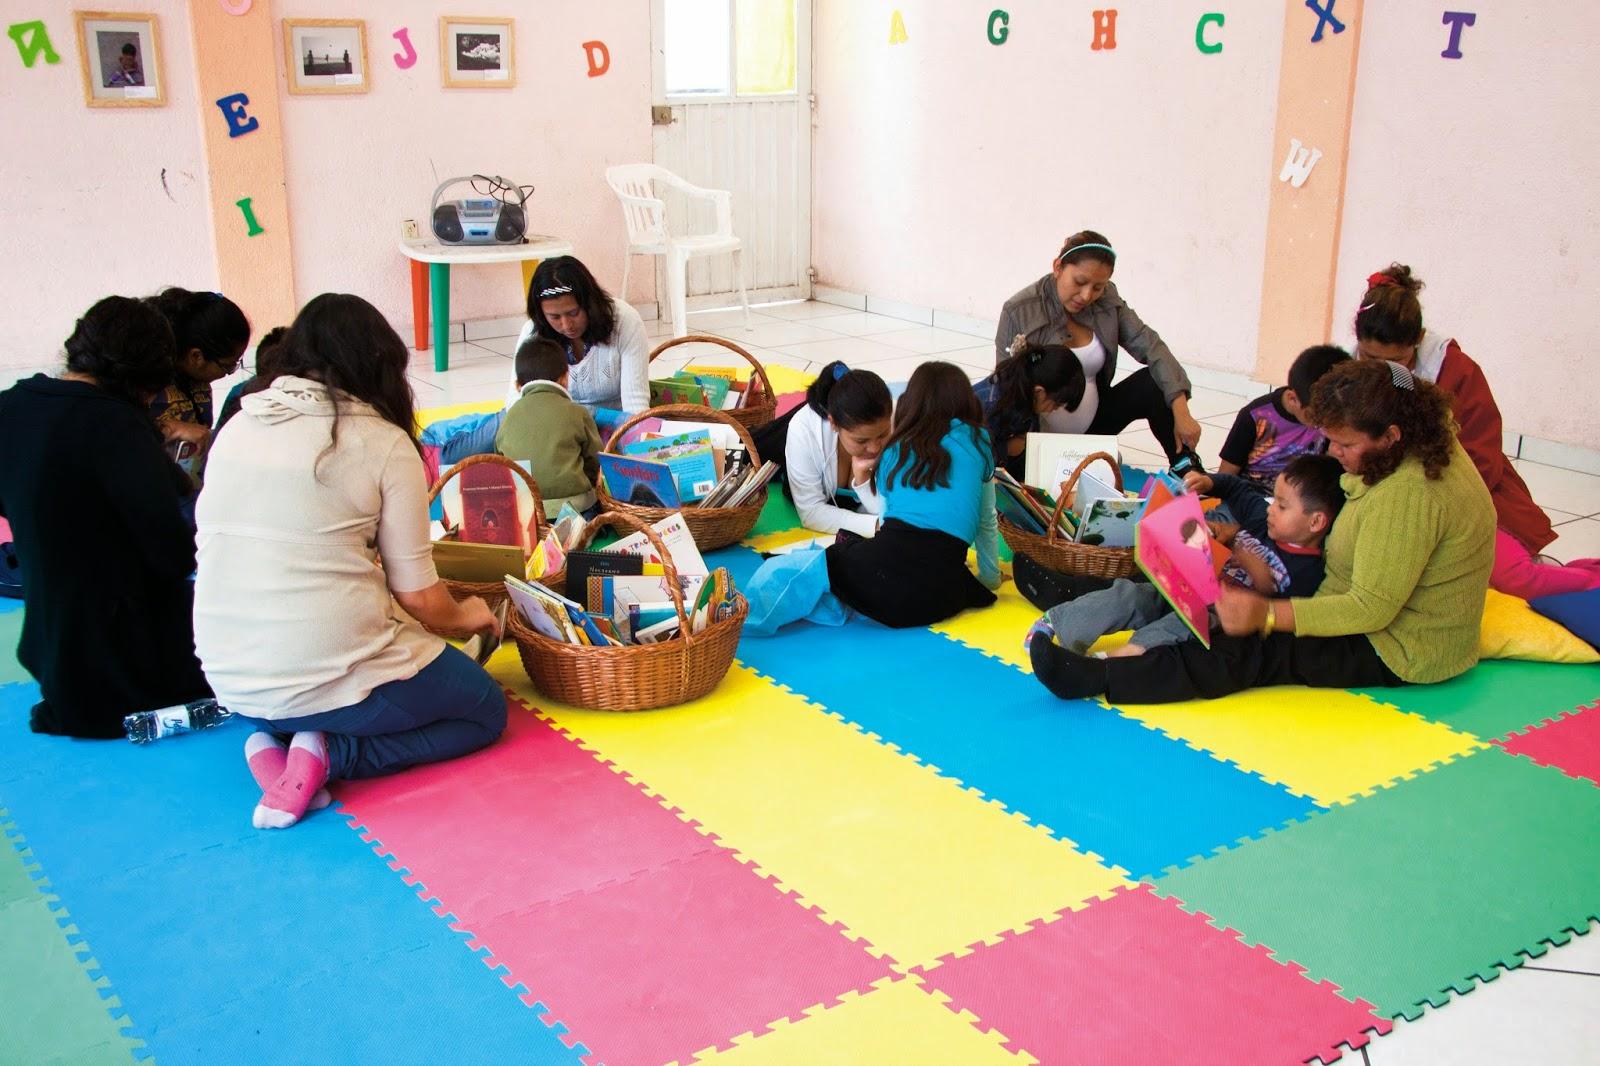 Ludotecas comunitarias de la Ciudad de México: espacios para el desarrollo infantil